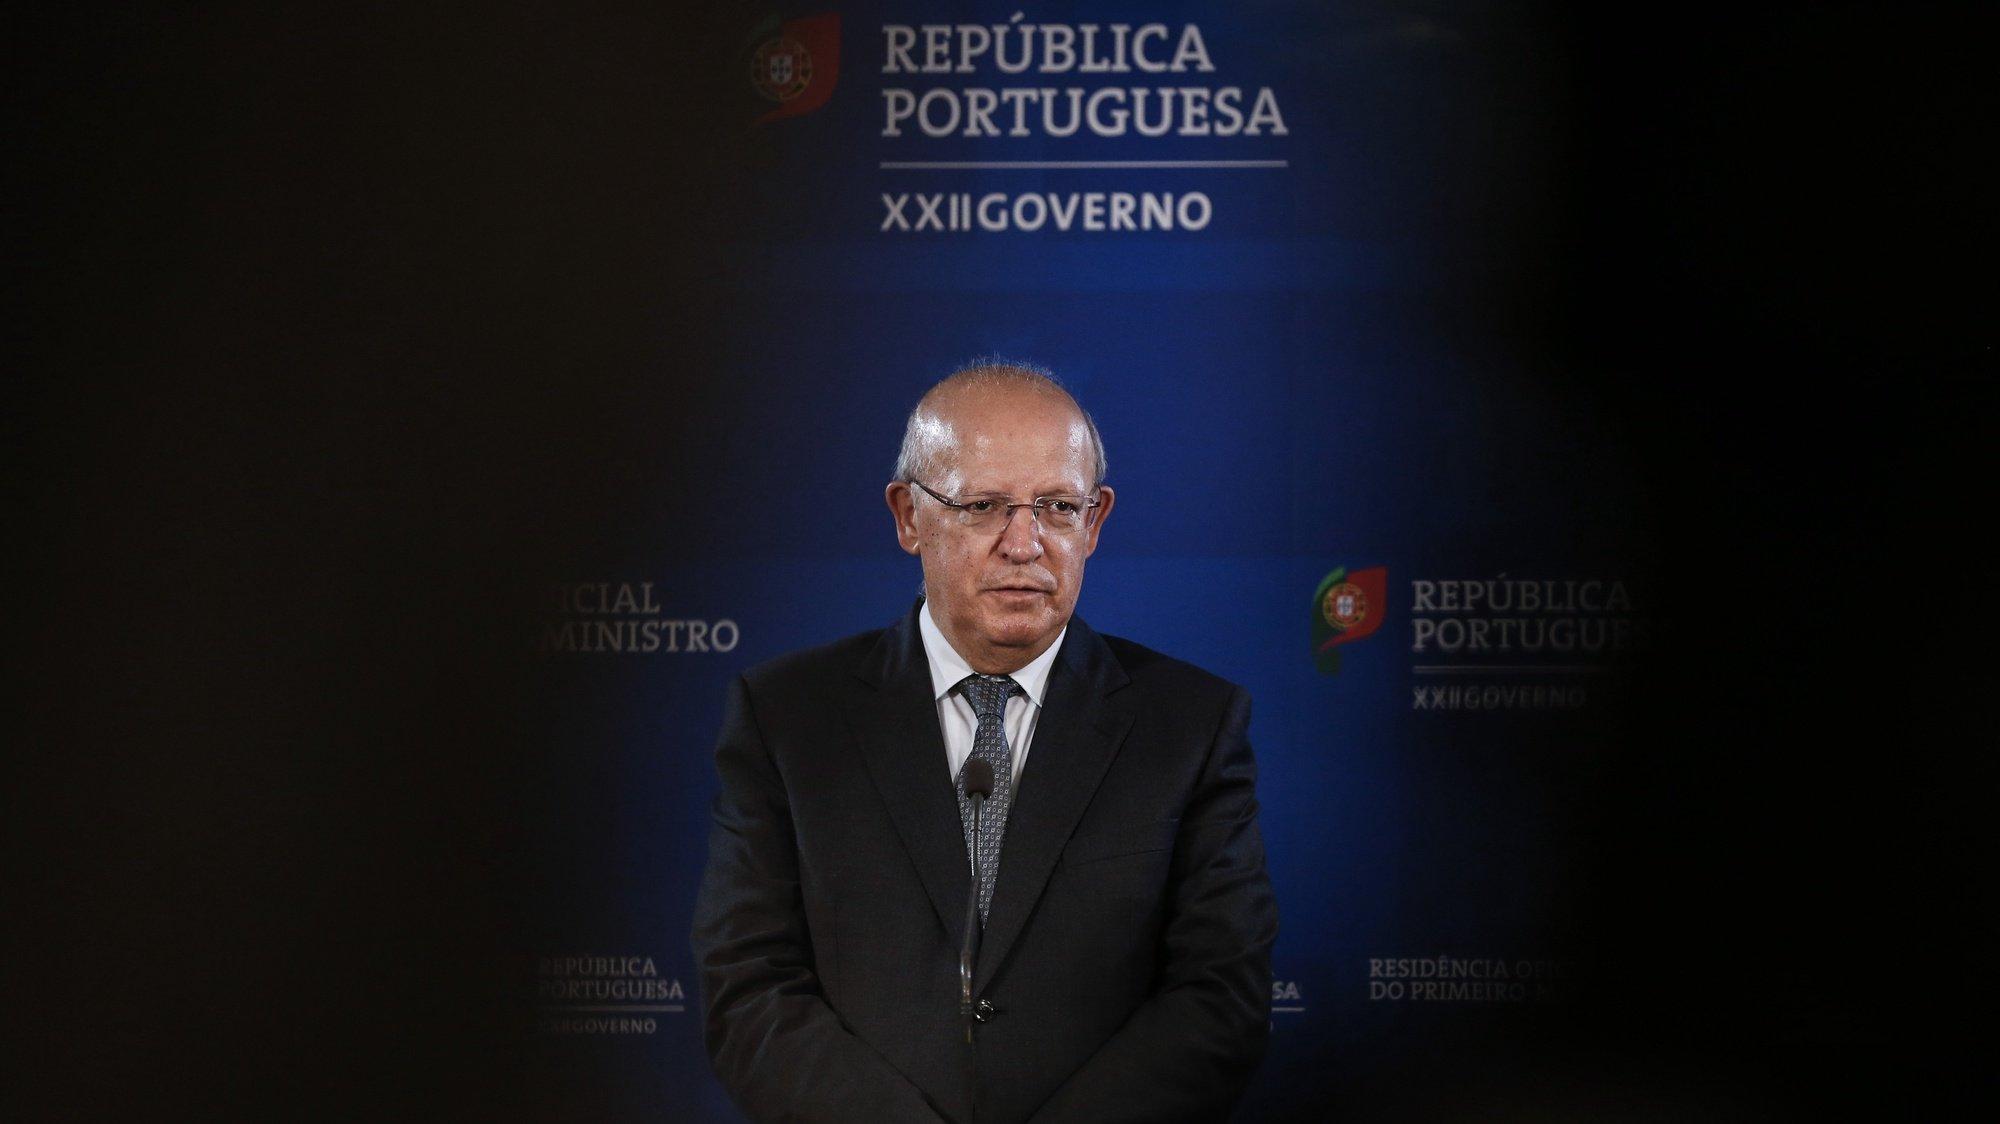 O ministro dos Negócios Estrangeiros, Augusto Santos Silva, em declarações à comunicação social após a reunião da comissão permanente de concertação social para preparação do conselho europeu, em Lisboa, 21 de abril de 2020. RODRIGO ANTUNES/LUSA